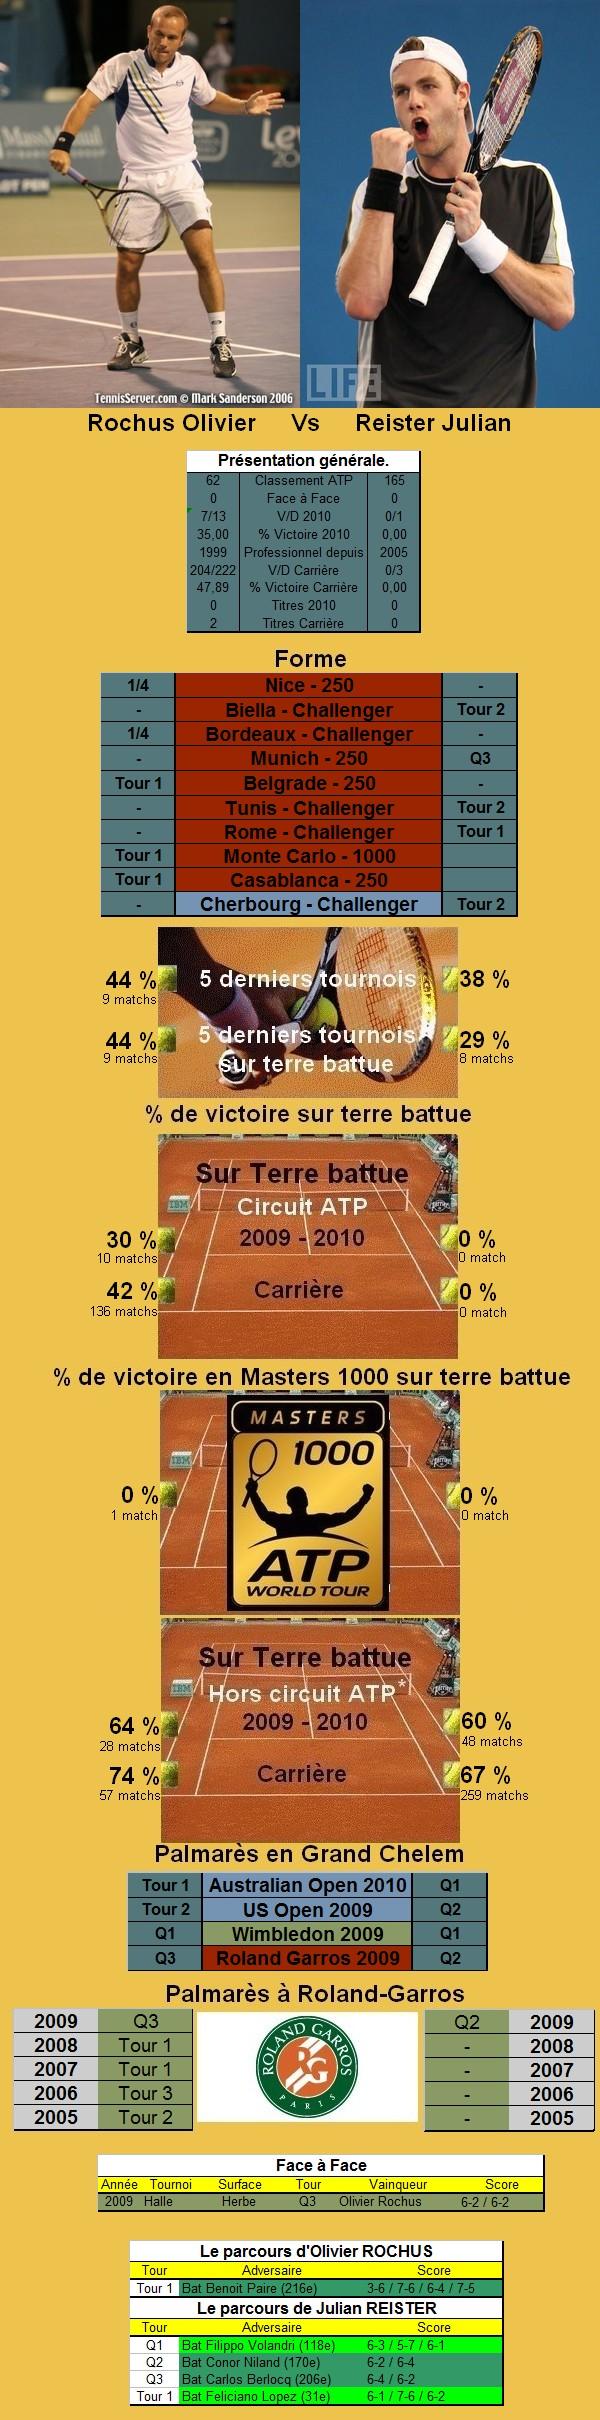 Statistiques tennis de Rochus contre Reister à Roland Garros